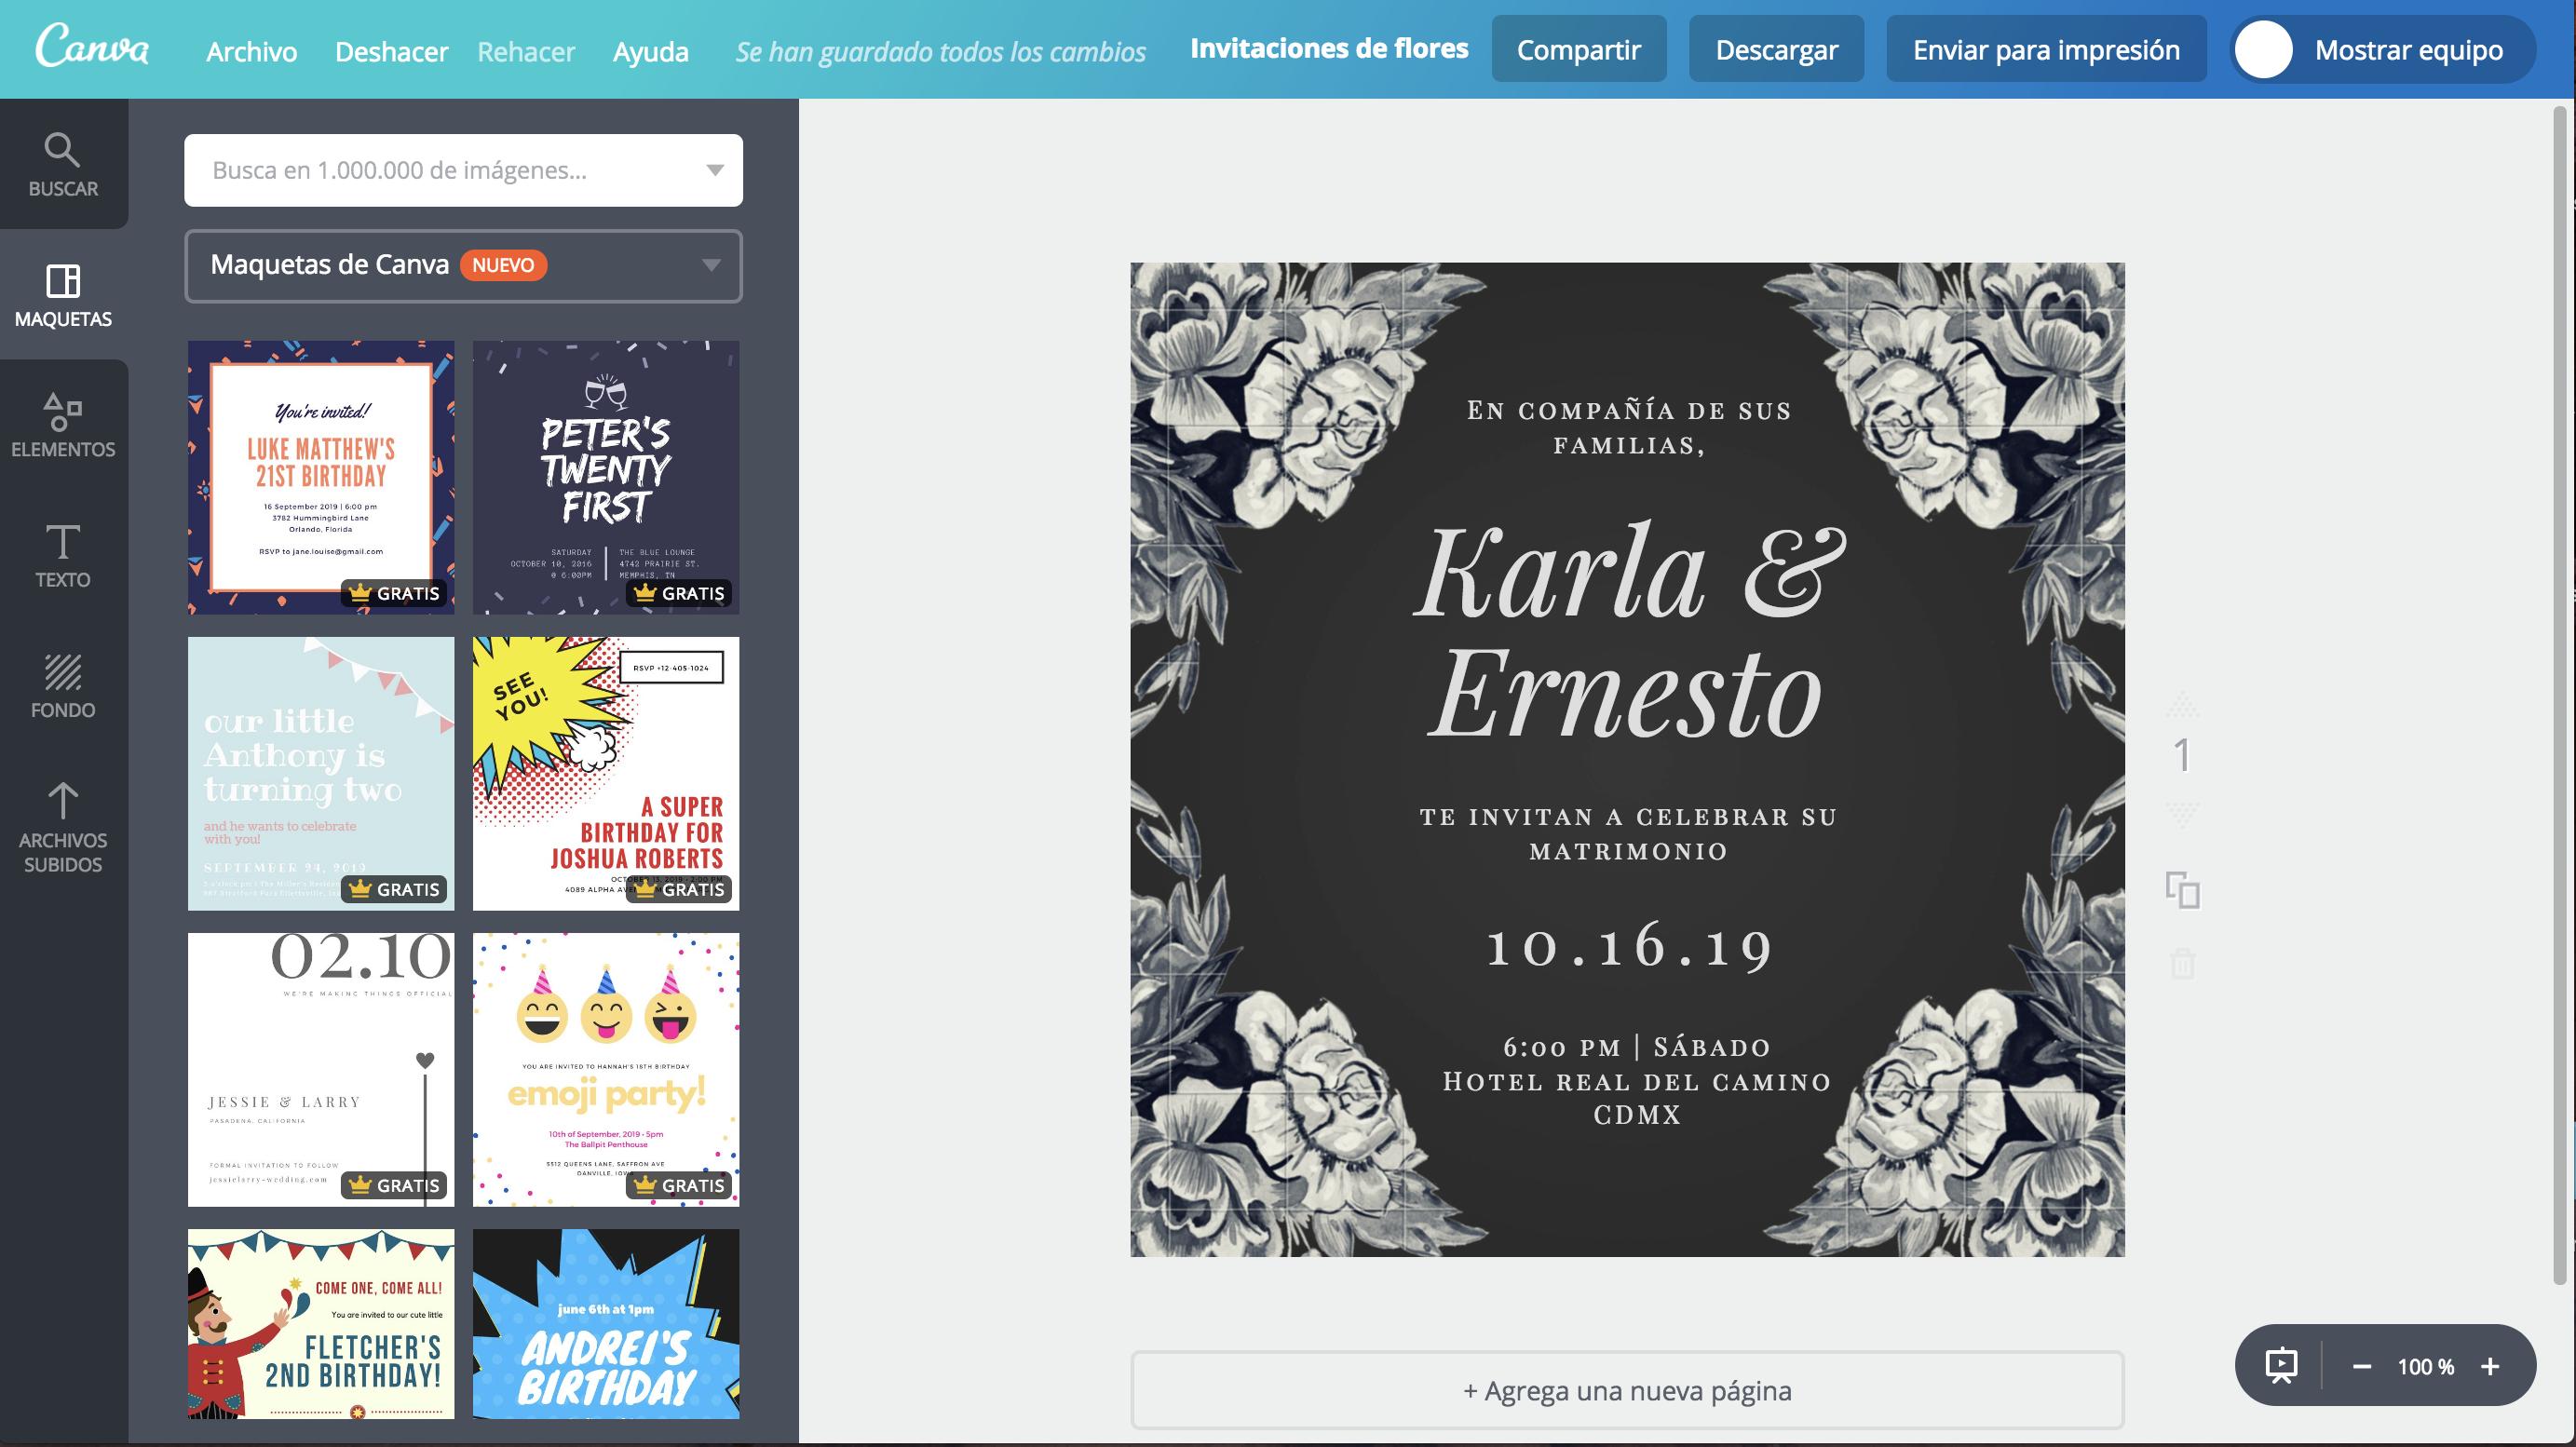 Crea Hermosas Invitaciones De Flores Online Gratis Canva